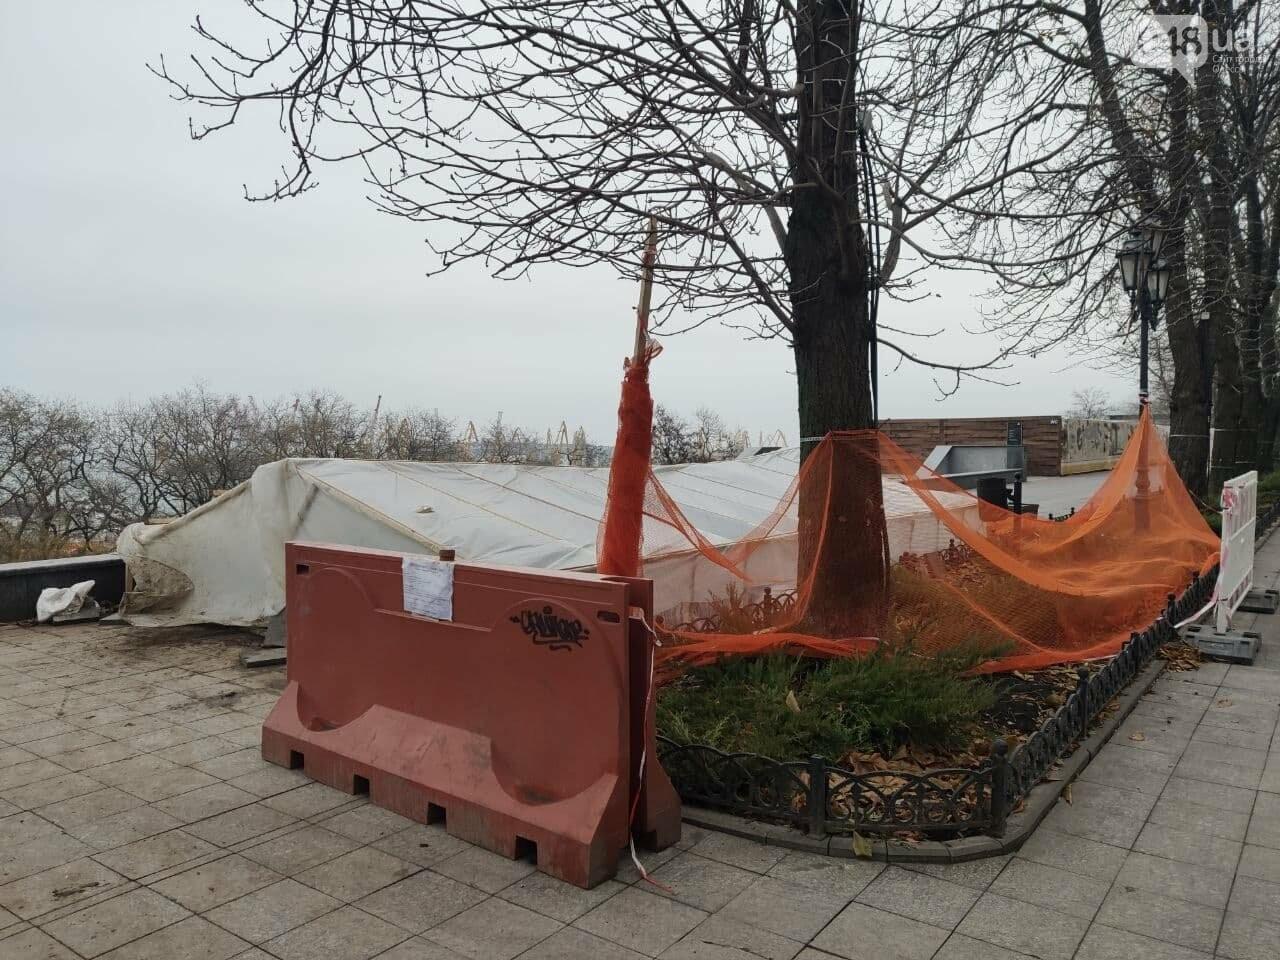 Конец экспедиции: что нашли на раскопках Хаджибейской крепости в Одессе, - ФОТО, фото-1